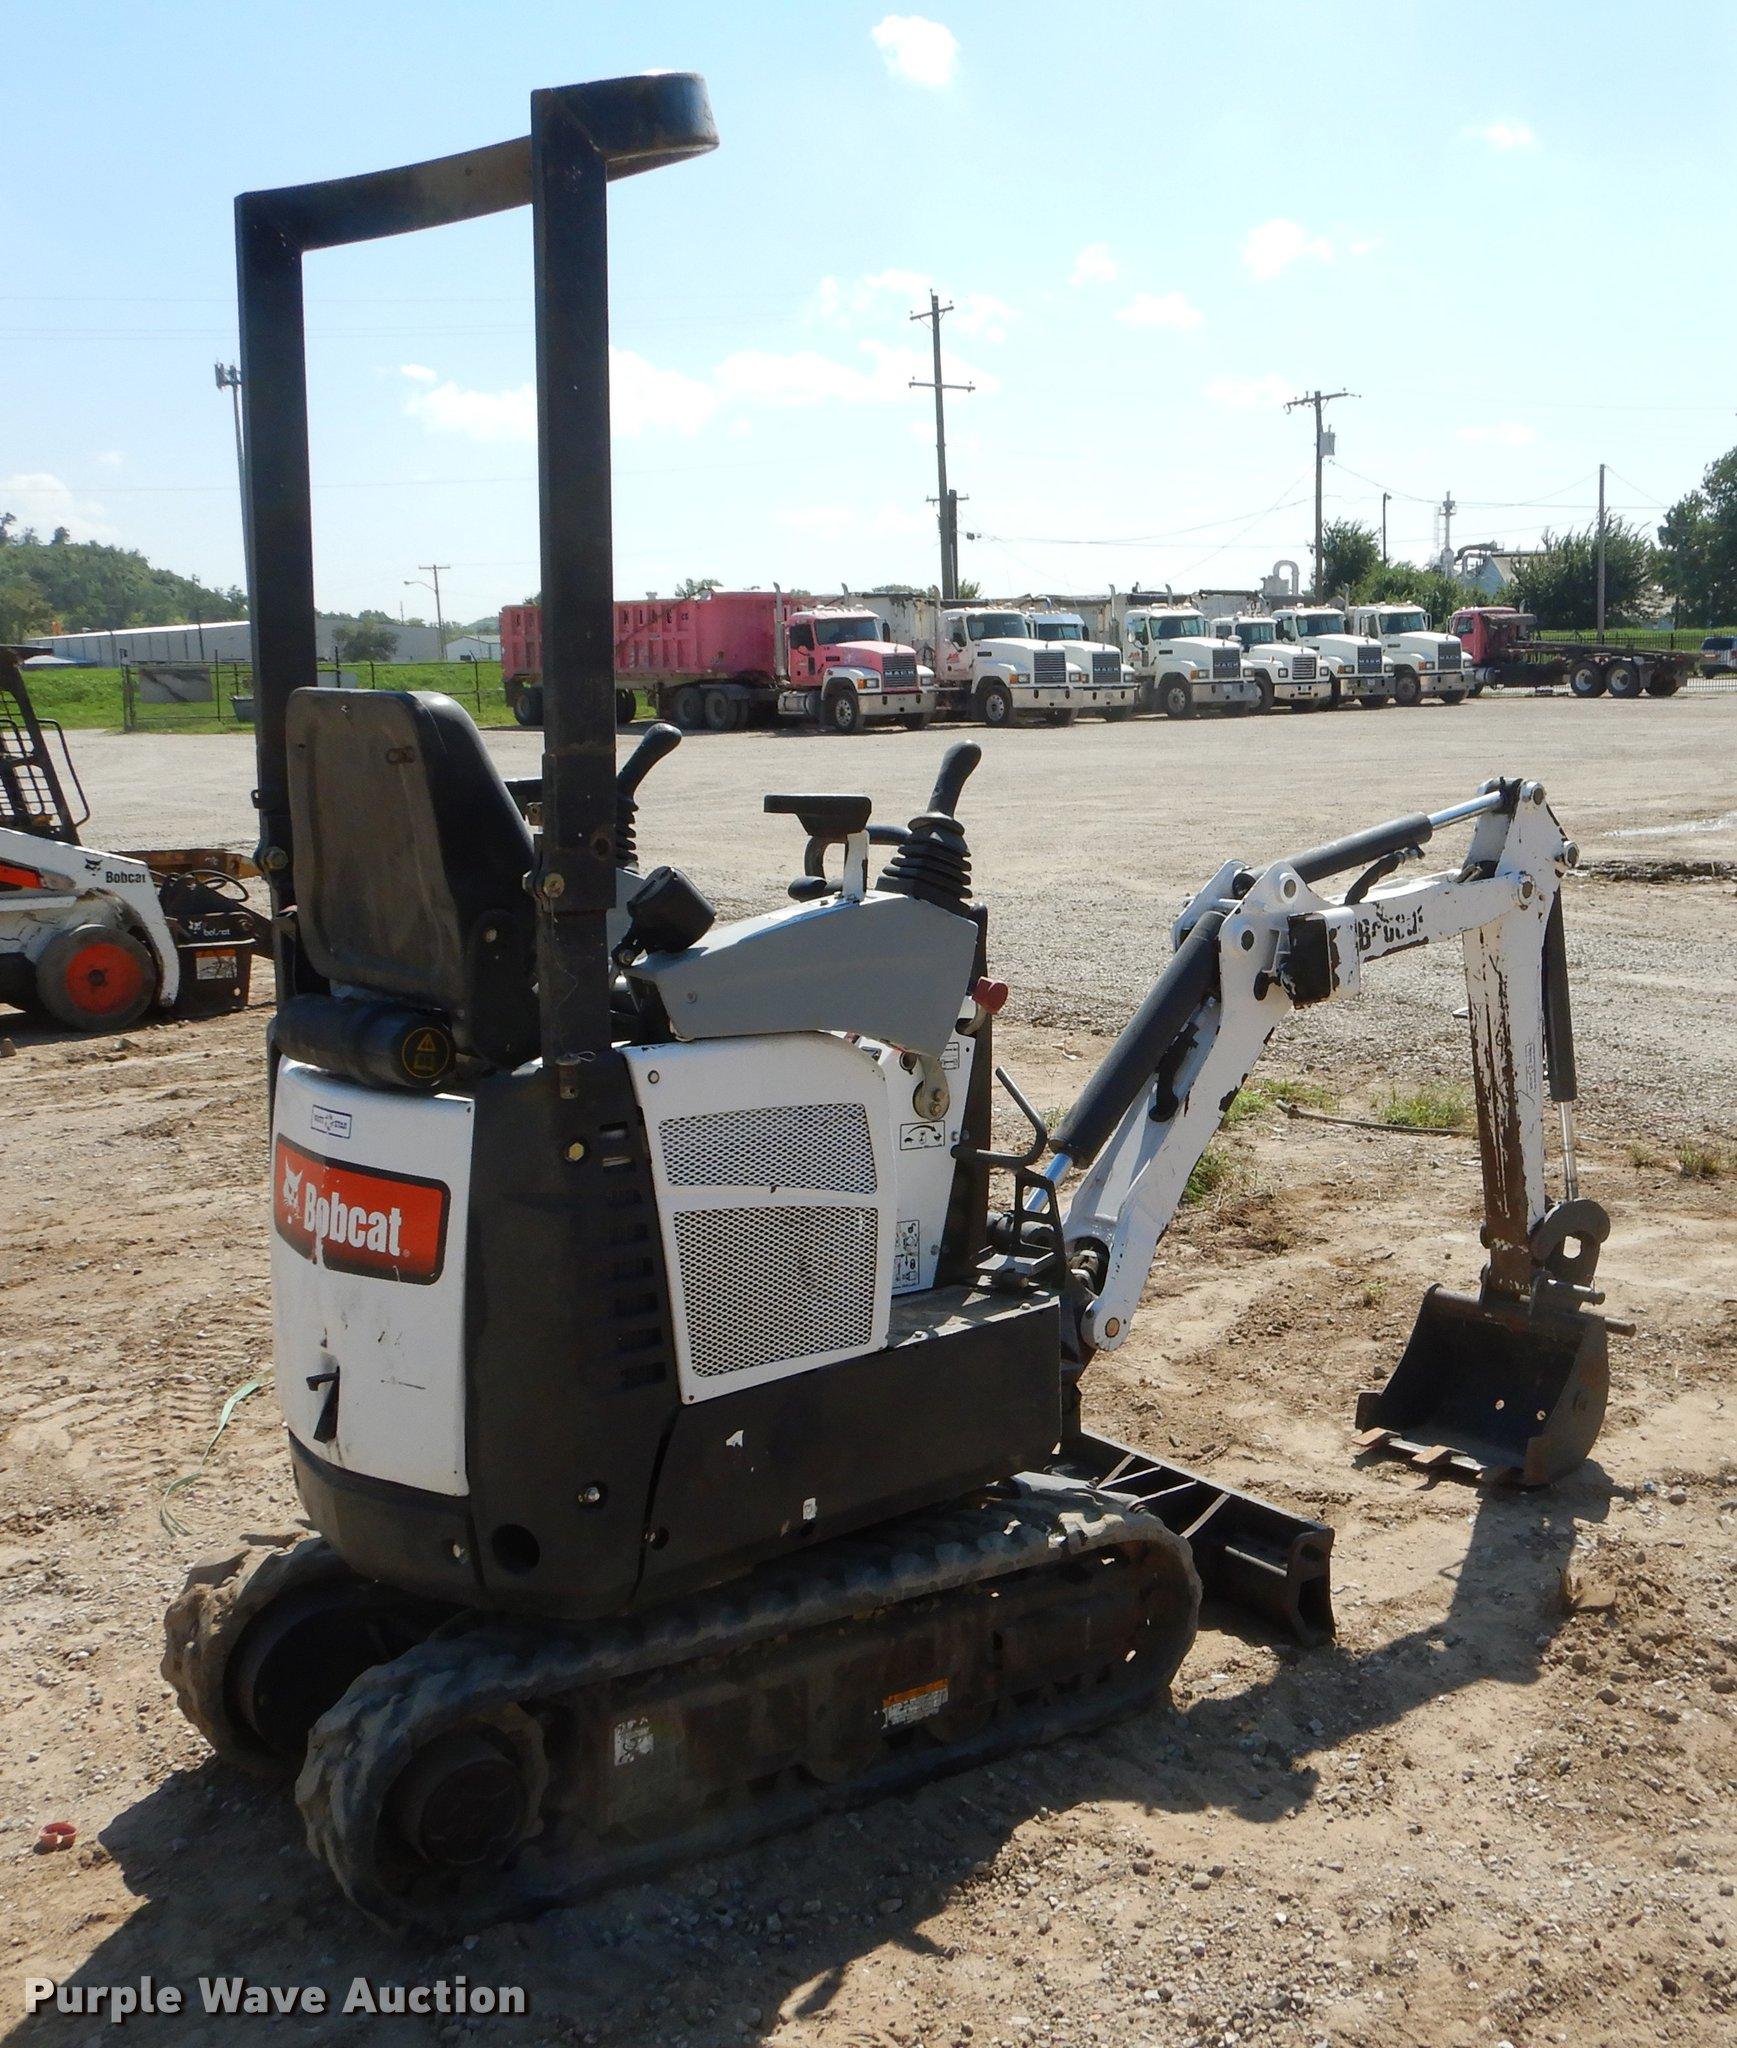 2009 Bobcat 418 mini excavator | Item EO9513 | SOLD! Septemb